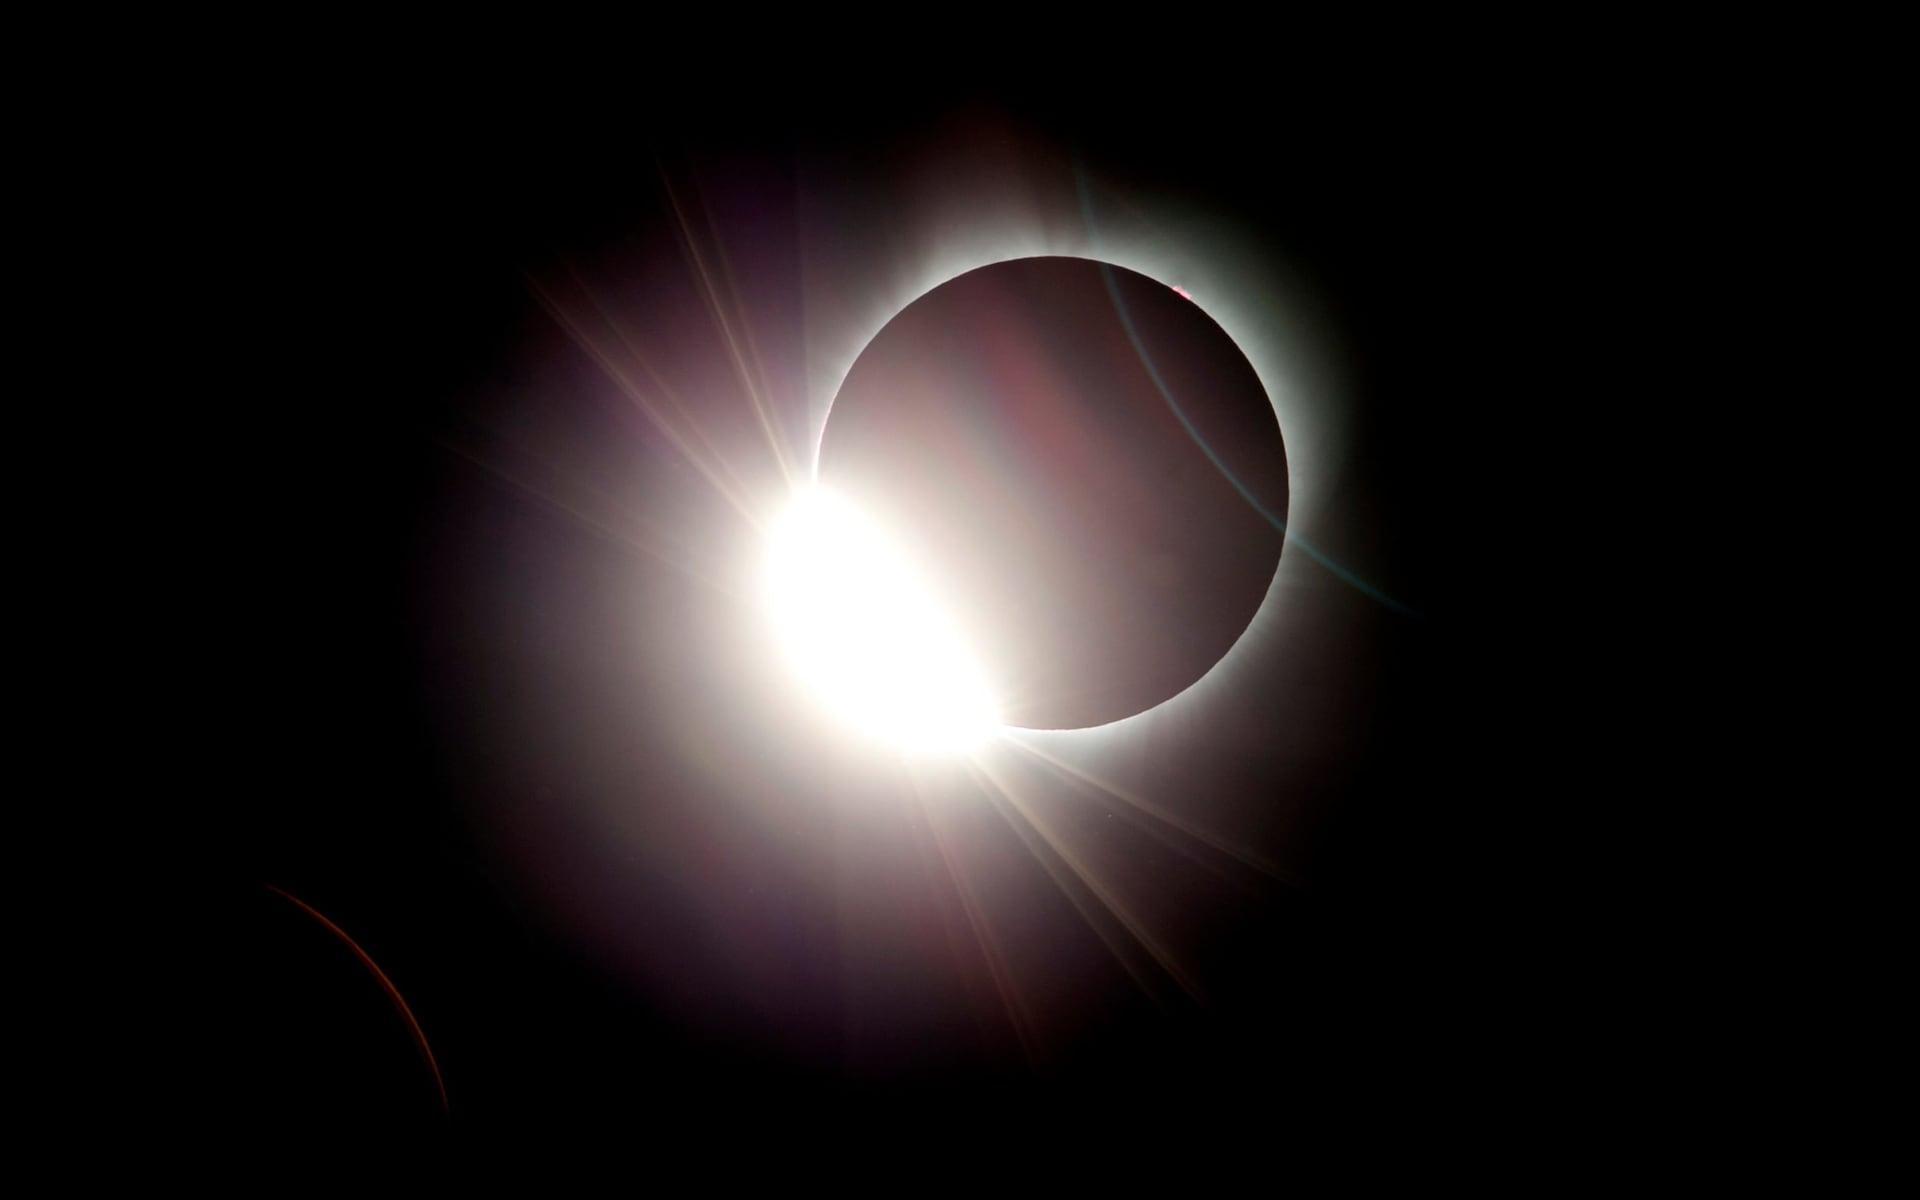 Những khoảnh khắc ấn tượng về nhật thực toàn phần tại Mỹ-3